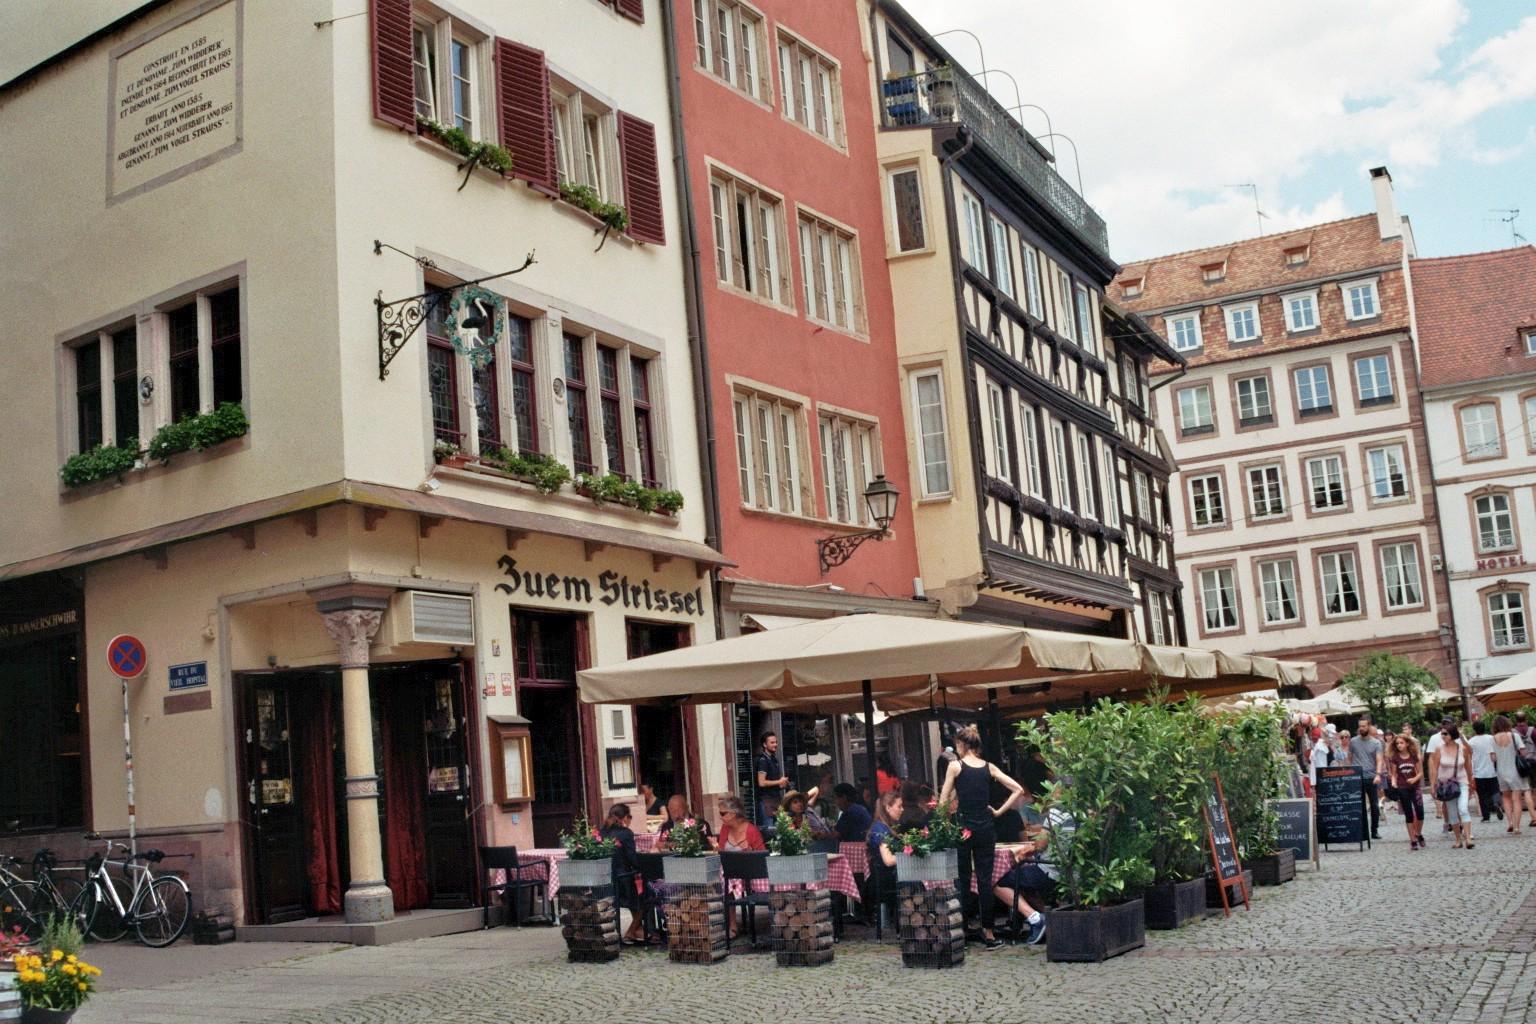 Zuem Strissel - Place de la Grande Boucherie